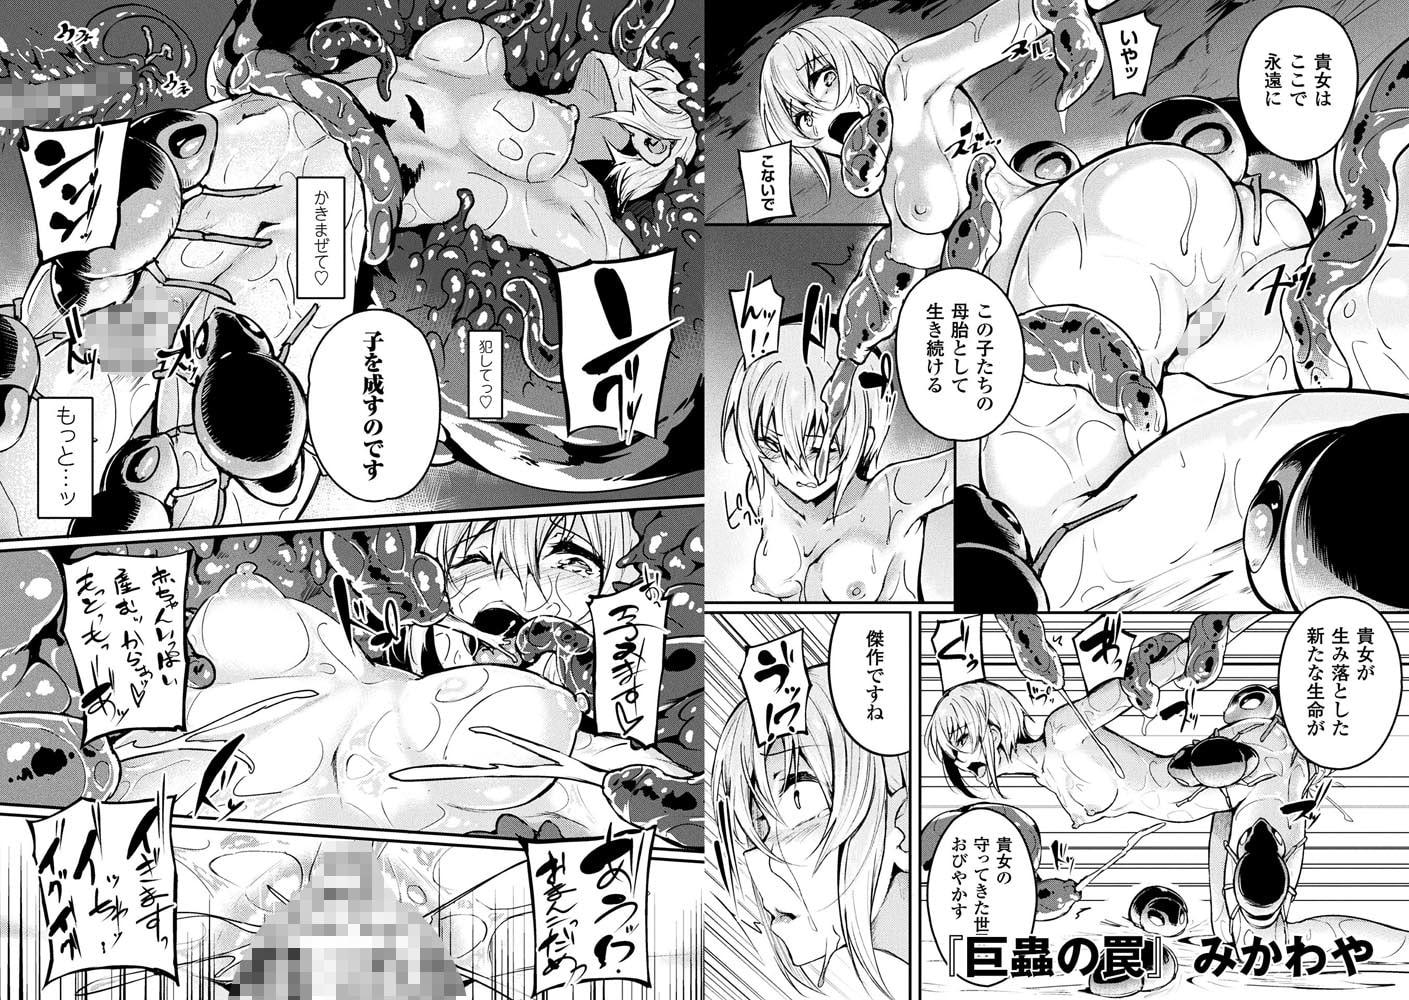 二次元コミックマガジン 女騎士苗床化計画Vol.3 (キルタイムコミュニケーション) DLsite提供:成年コミック – 雑誌・アンソロ